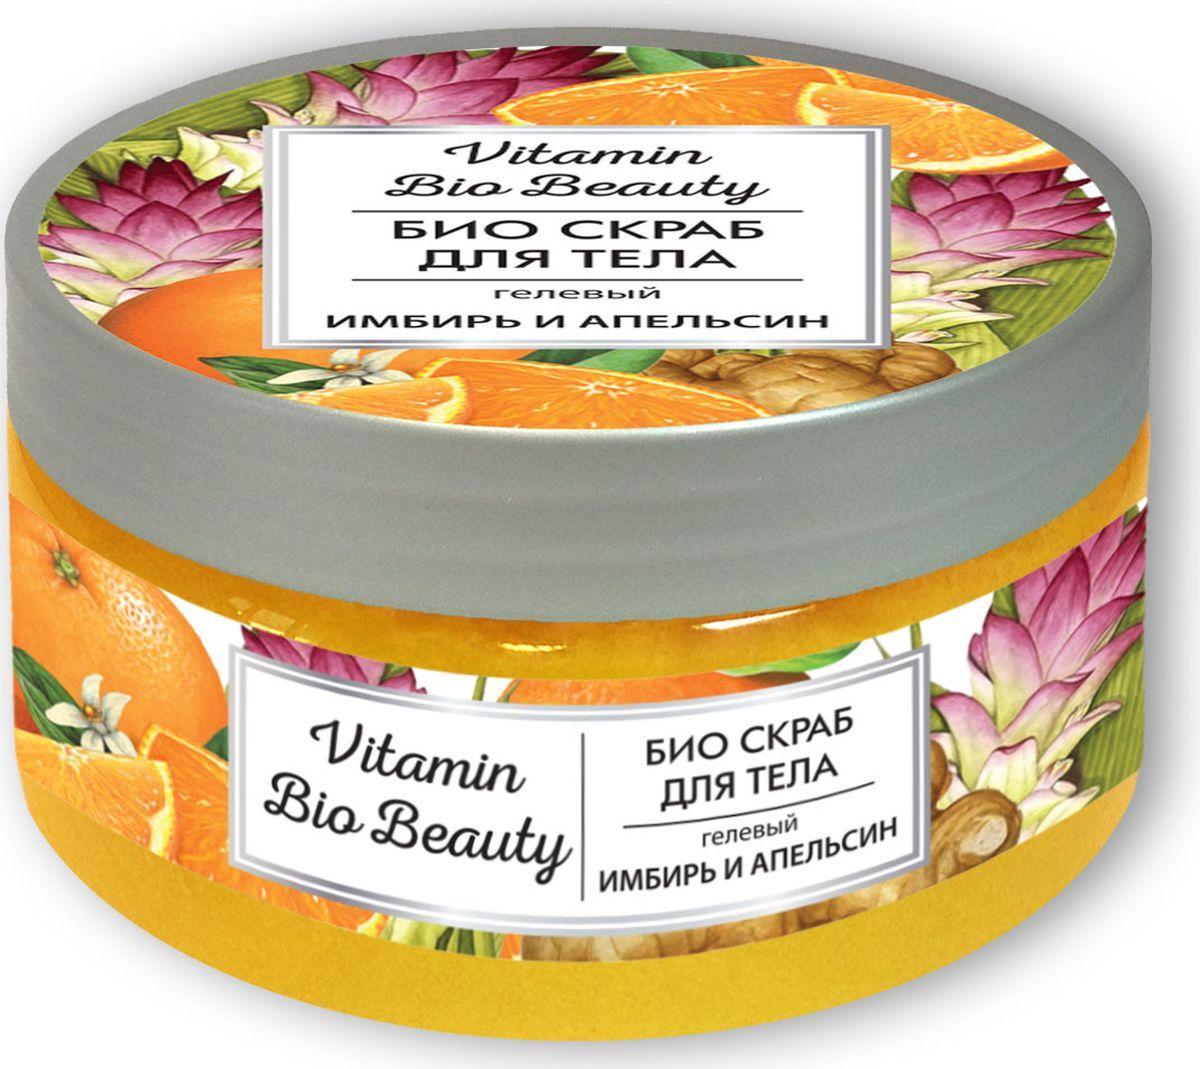 Vitamin Bio Beauty Скраб для тела имбирь и апельсин гелевый, 250 мл215-030-93854Vitamin Bio Beauty Скраб для тела имбирь и апельсин гелевый 250мл со 100% натуральными растительными экстрактами - отличное средство для профилактики целлюлита! Мягкие гранулы эффективно очищают кожу, отшелушивают омертвевшие клеточки, улучшают кровообращение. Натуральный экстракт имбиря подтягивает, тонизирует, улучшает рельеф кожи. Эфирное масло апельсина улучшает цвет кожи, повышает ее эластичность. Масло облепихи оказывает интенсивное смягчающее действие. Регулярное применение скраба сделает Вашу кожу великолепной!